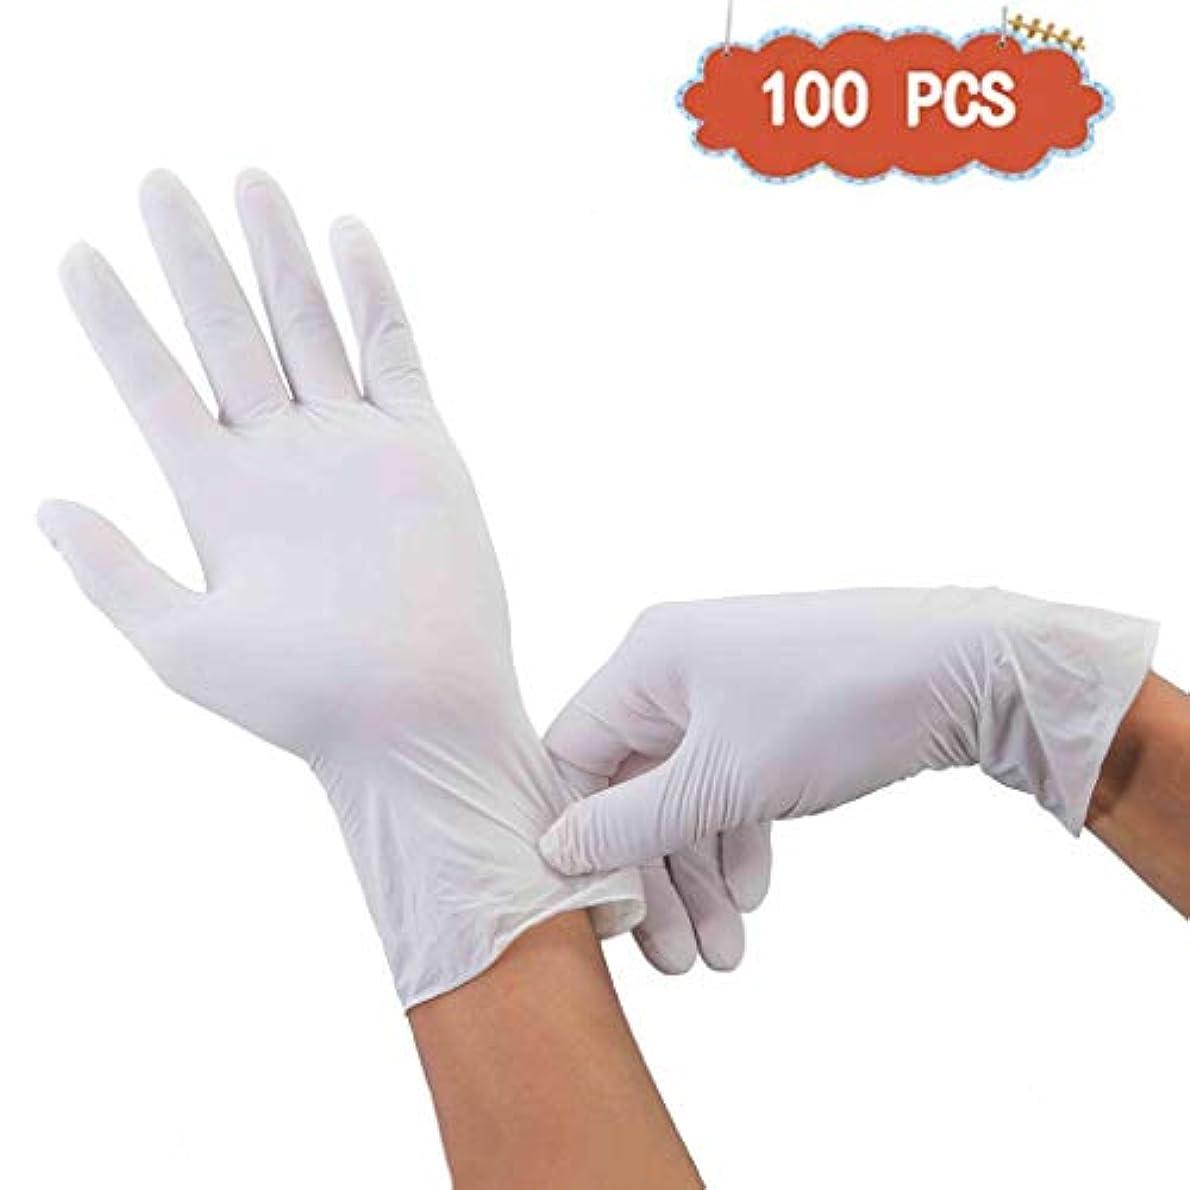 アフリカスツール花火ニトリル手袋、白い手袋食品衛生処理医療産業使い捨て手袋ペットケアネイルアート検査保護実験、美容サロンラテックスフリー、、 100個 (Size : S)